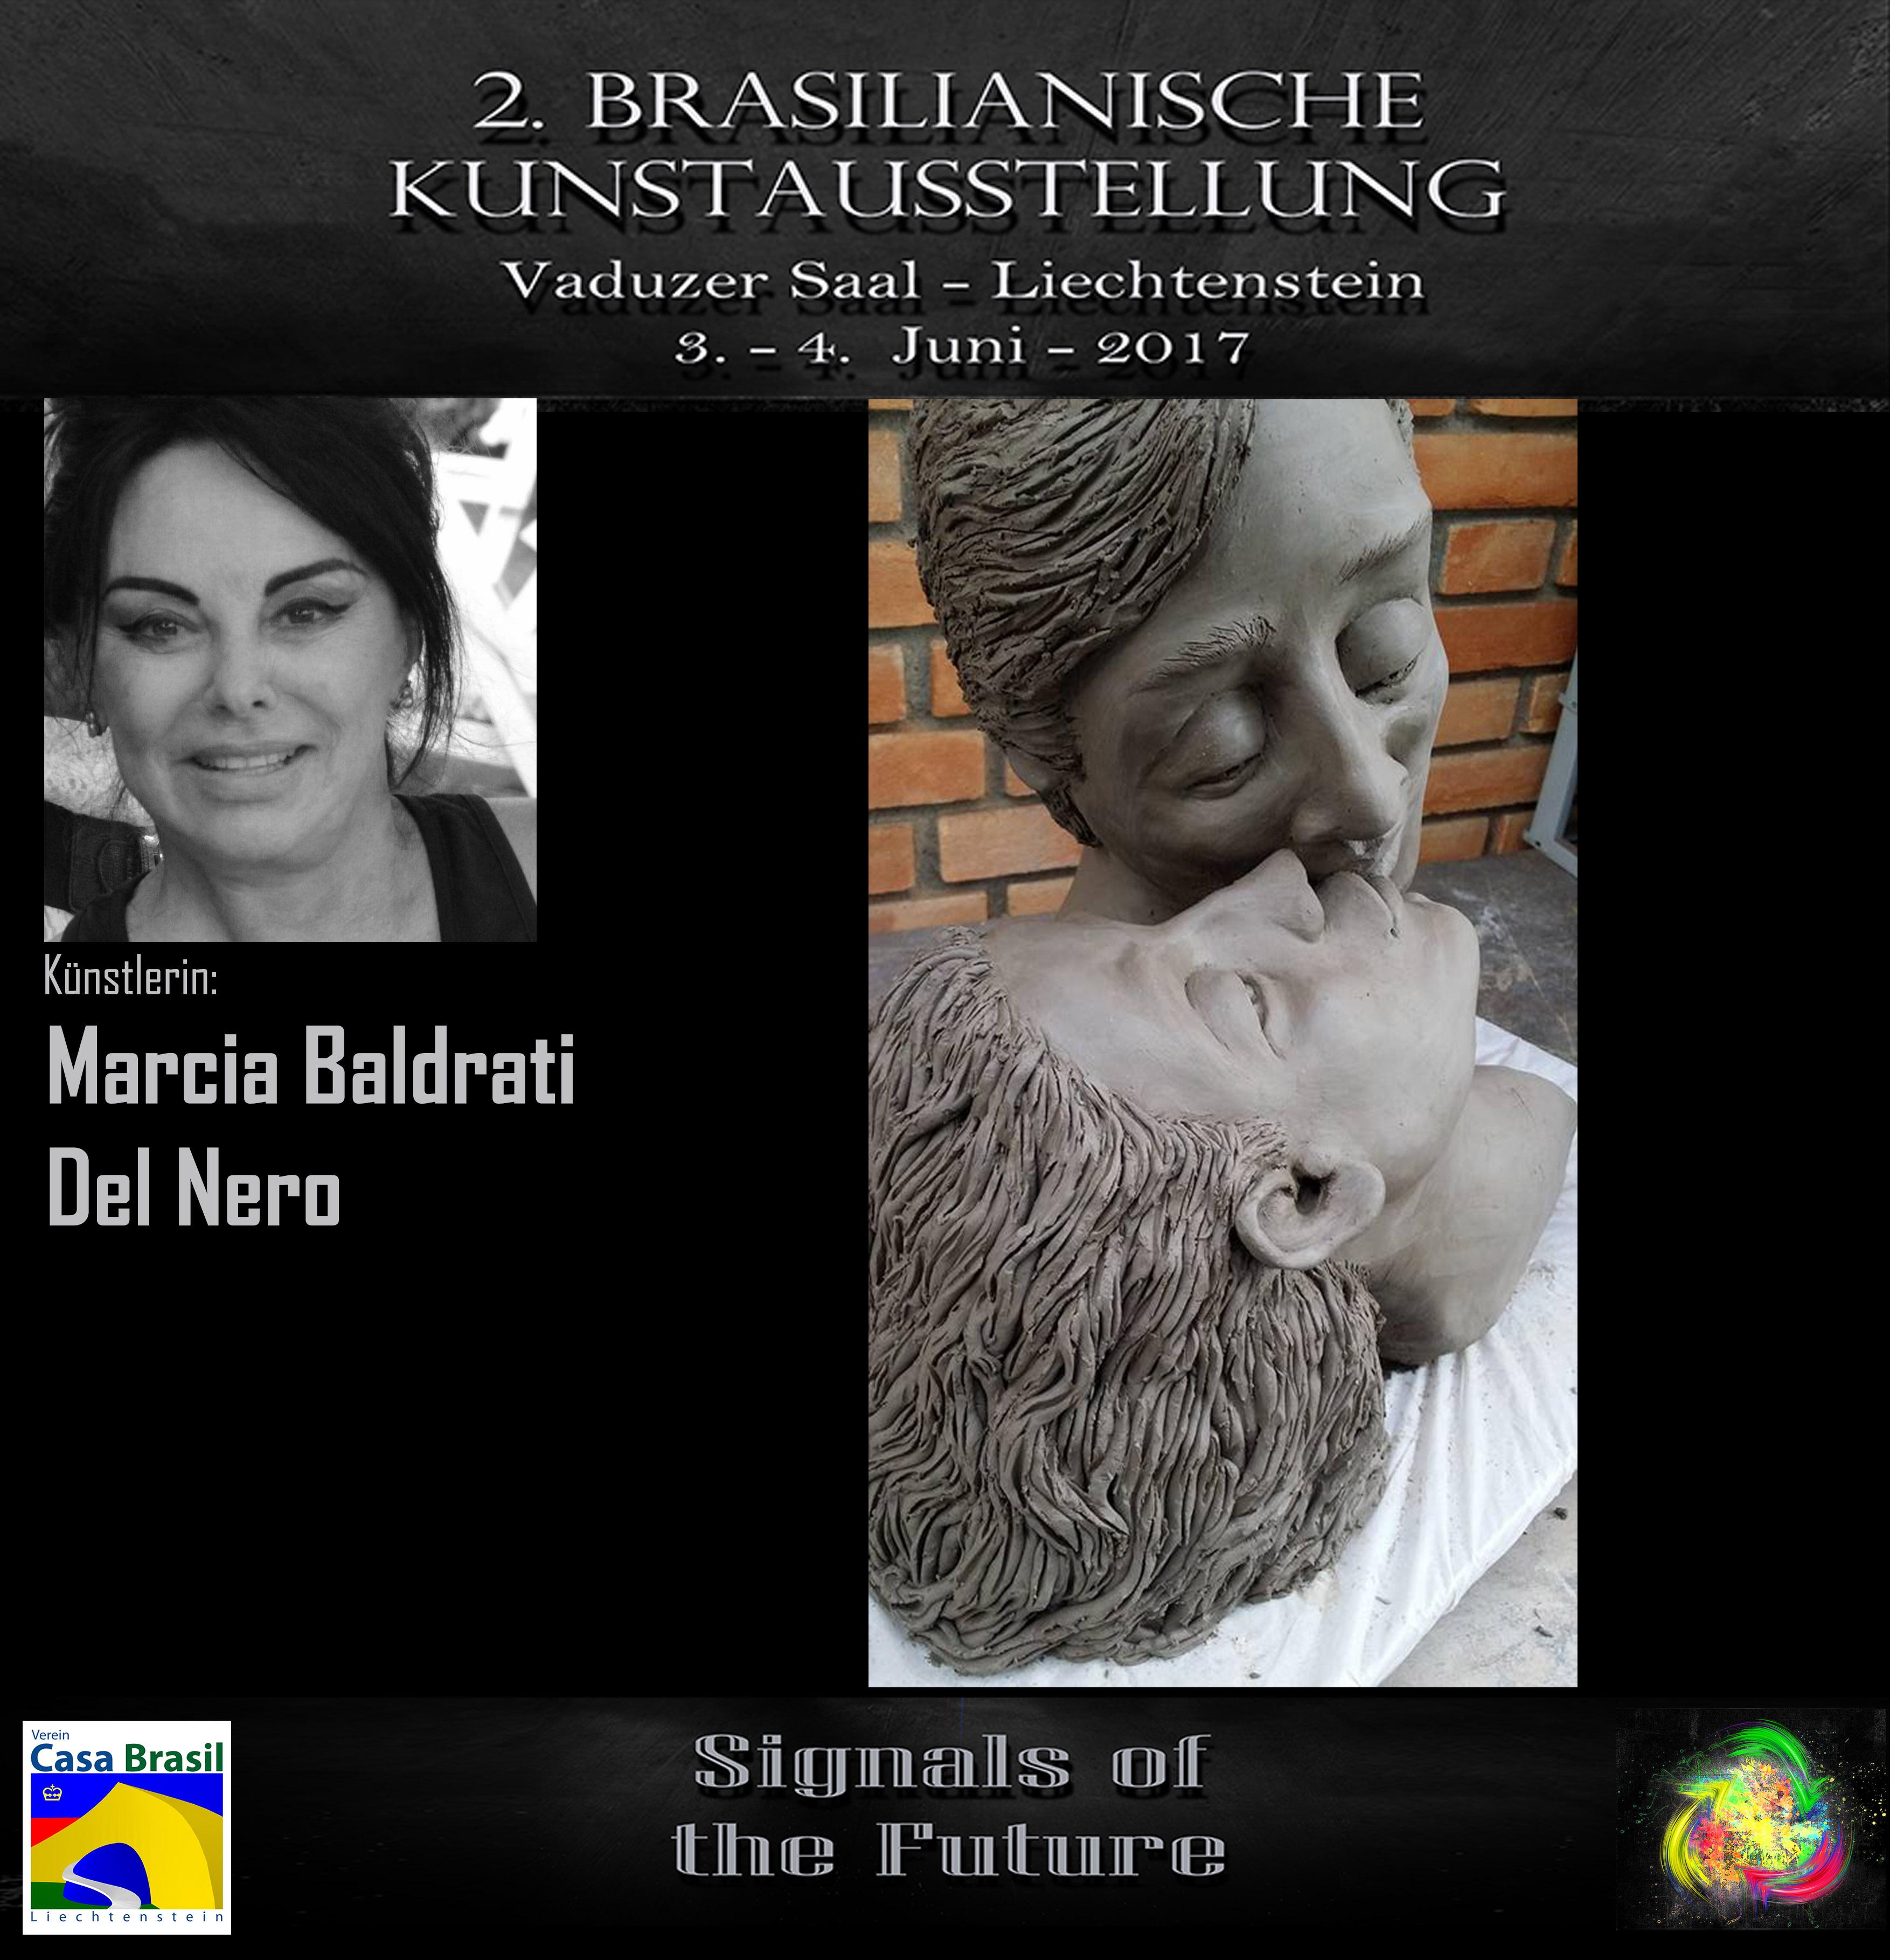 Marcia Baldrati Del Nero